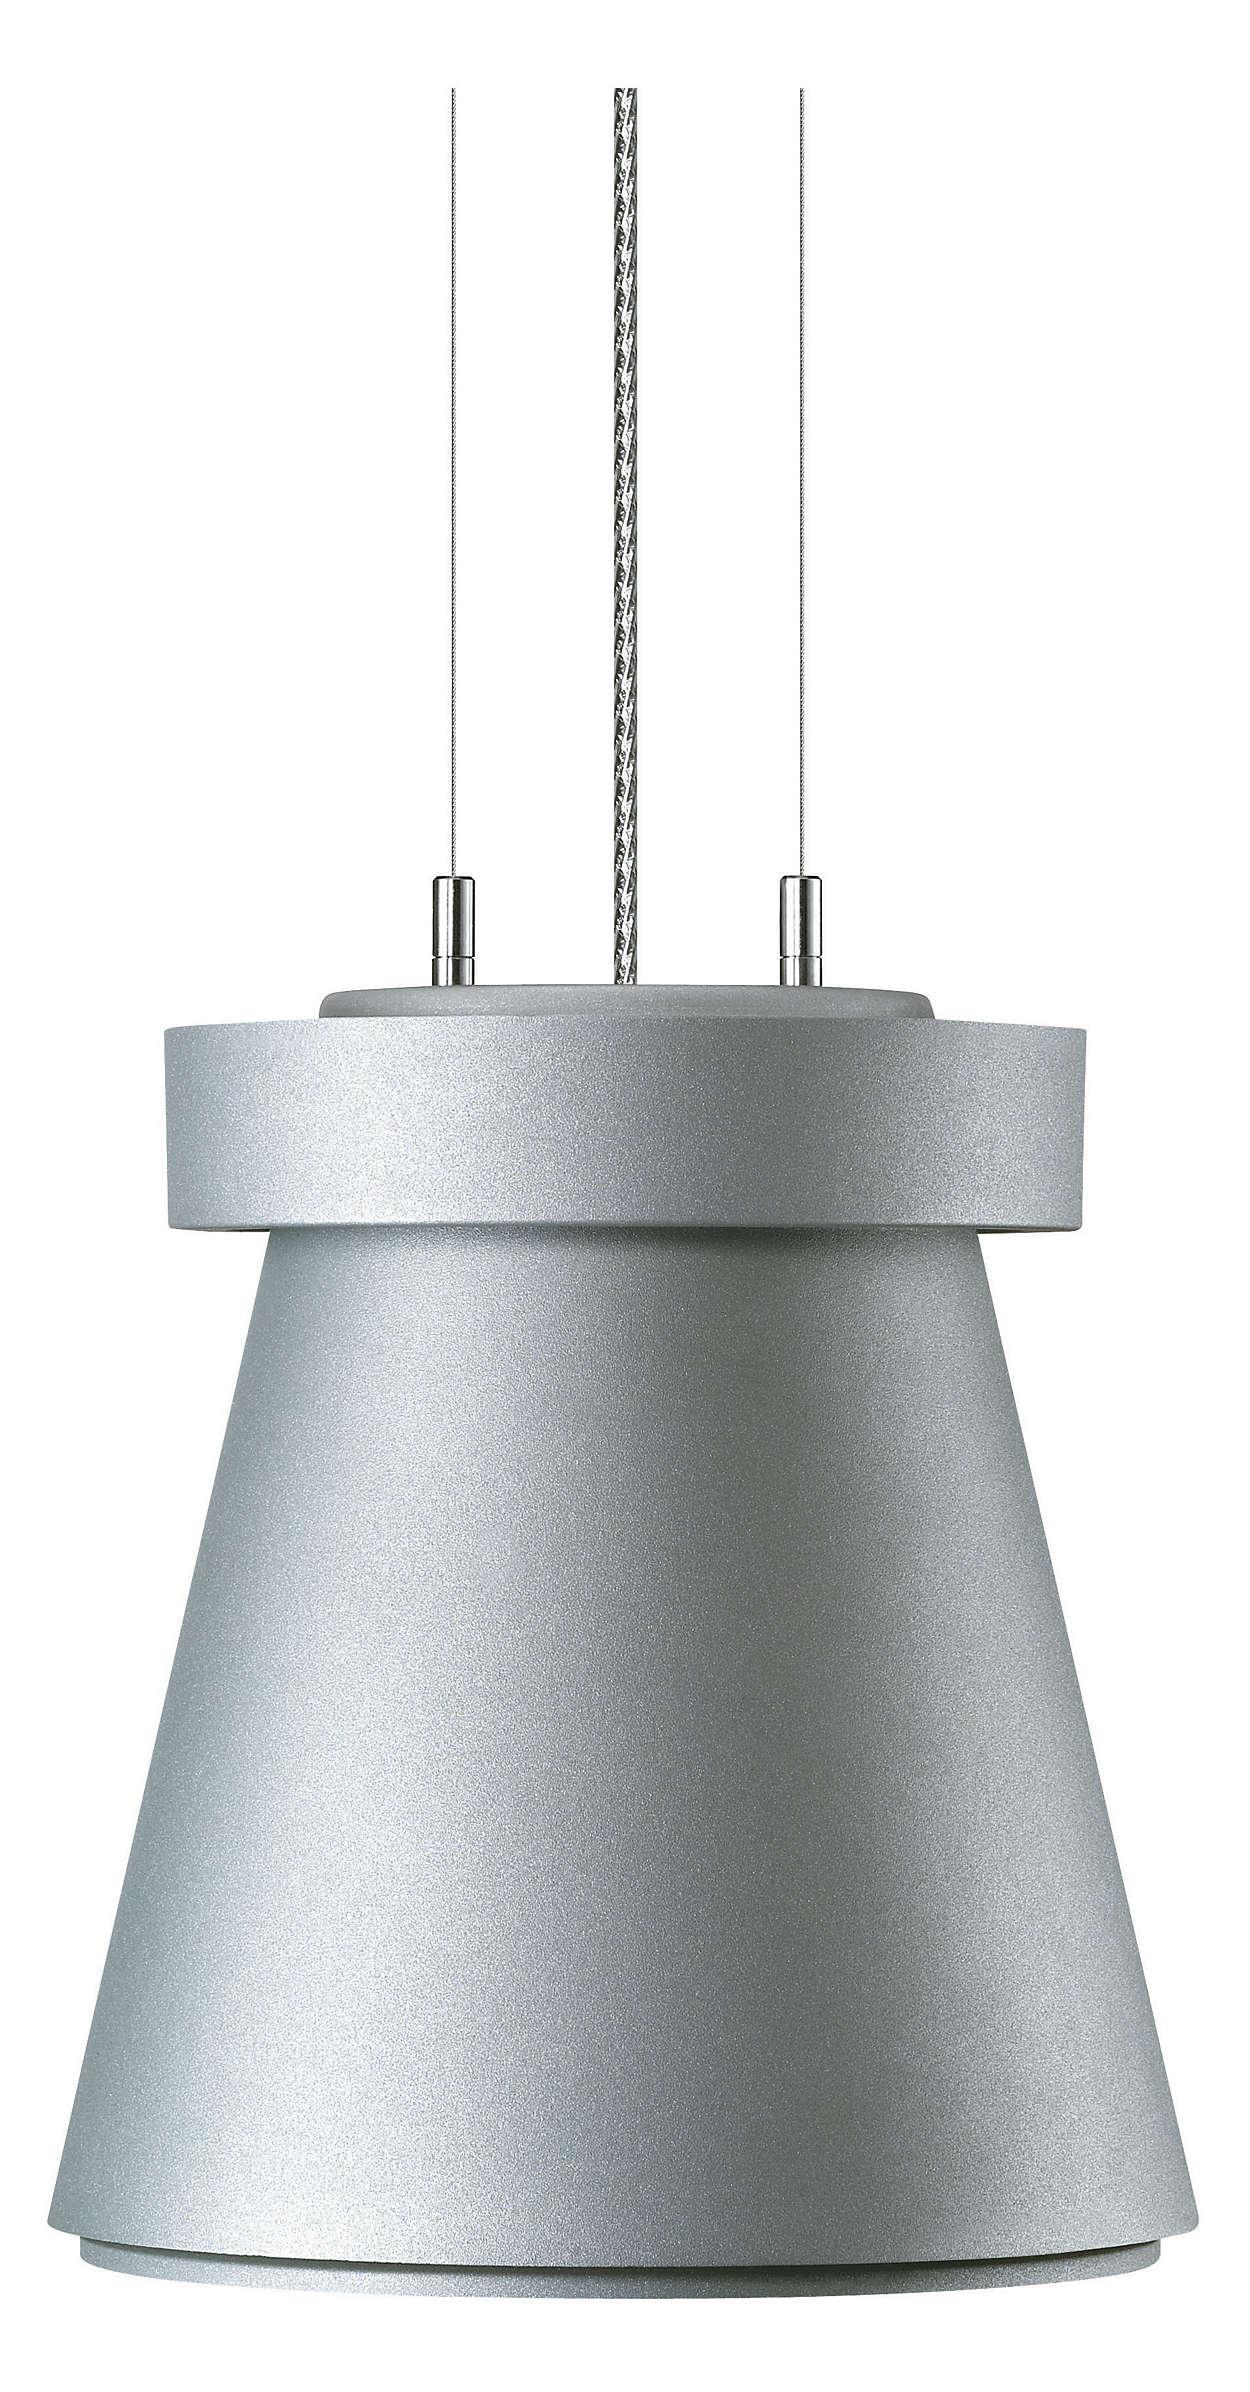 UnicOne pendente compacta